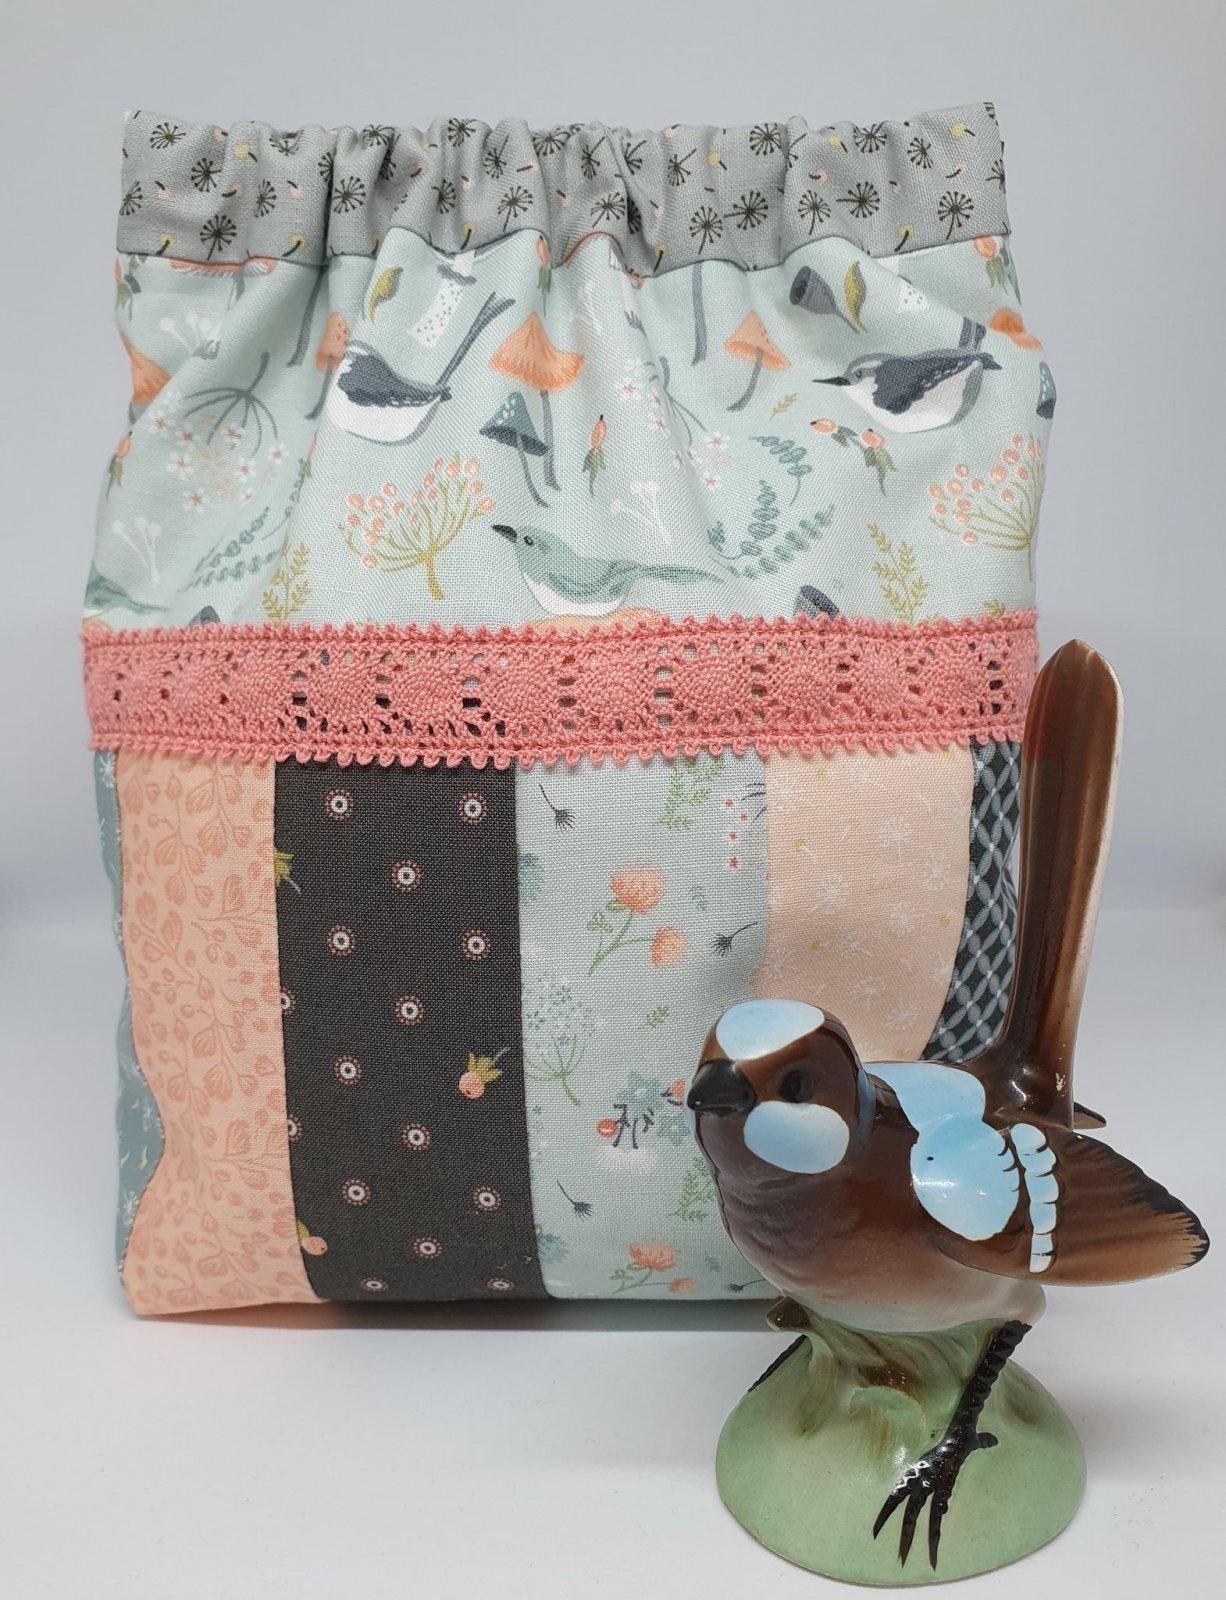 Songbird Snap Bag